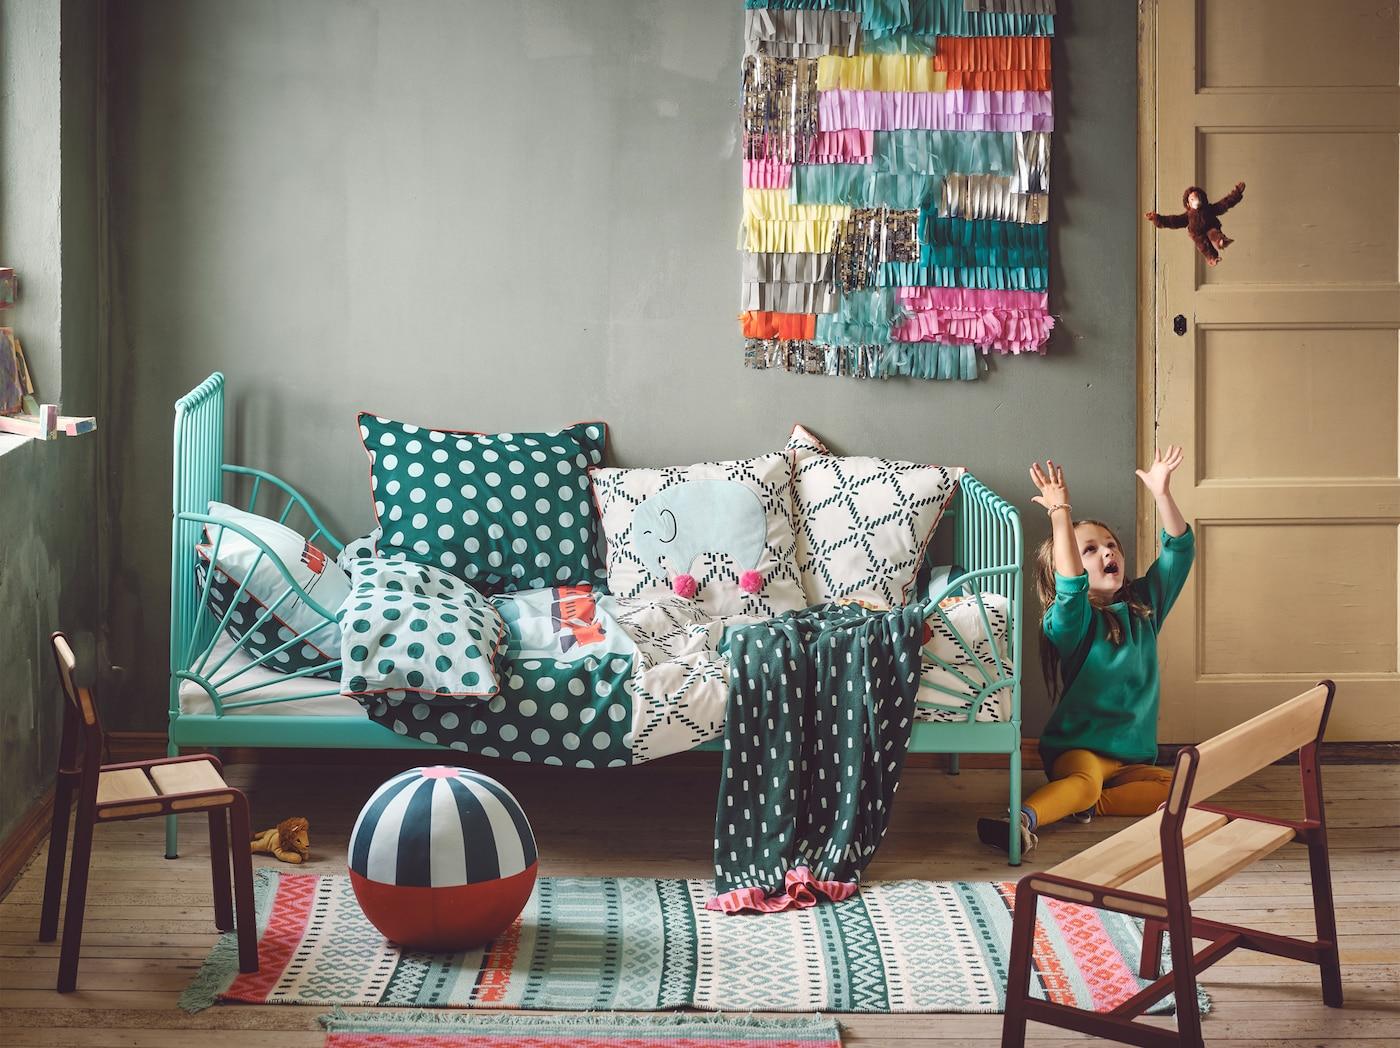 色彩斑斓的房间里摆放着 KÄPPHÄST 谢普海斯特 被套、地毯和软垫,一个孩子正把玩具猴子抛向空中。